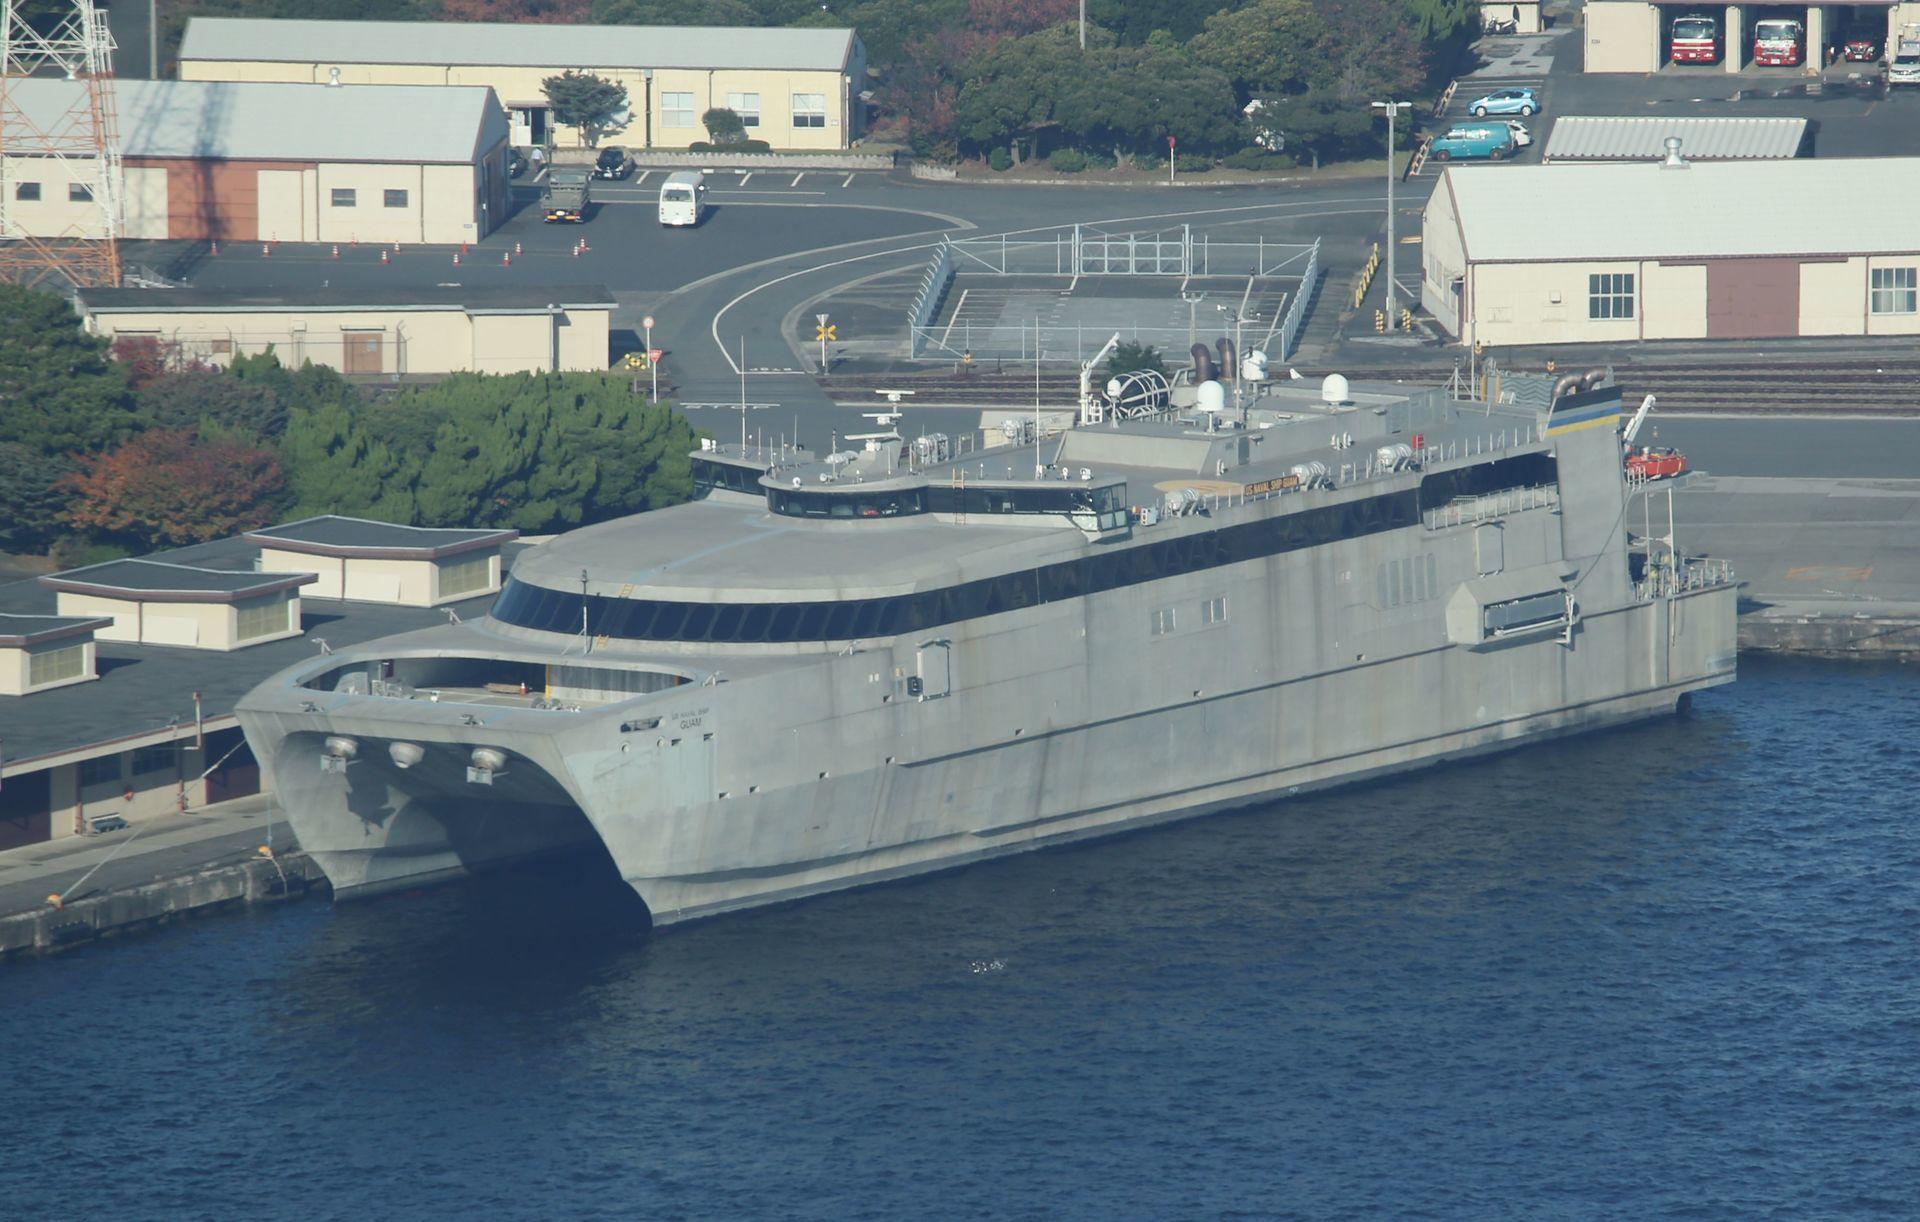 米軍高速輸送船 『グアム』: ISOKKO PHOTO WAREHOUSE